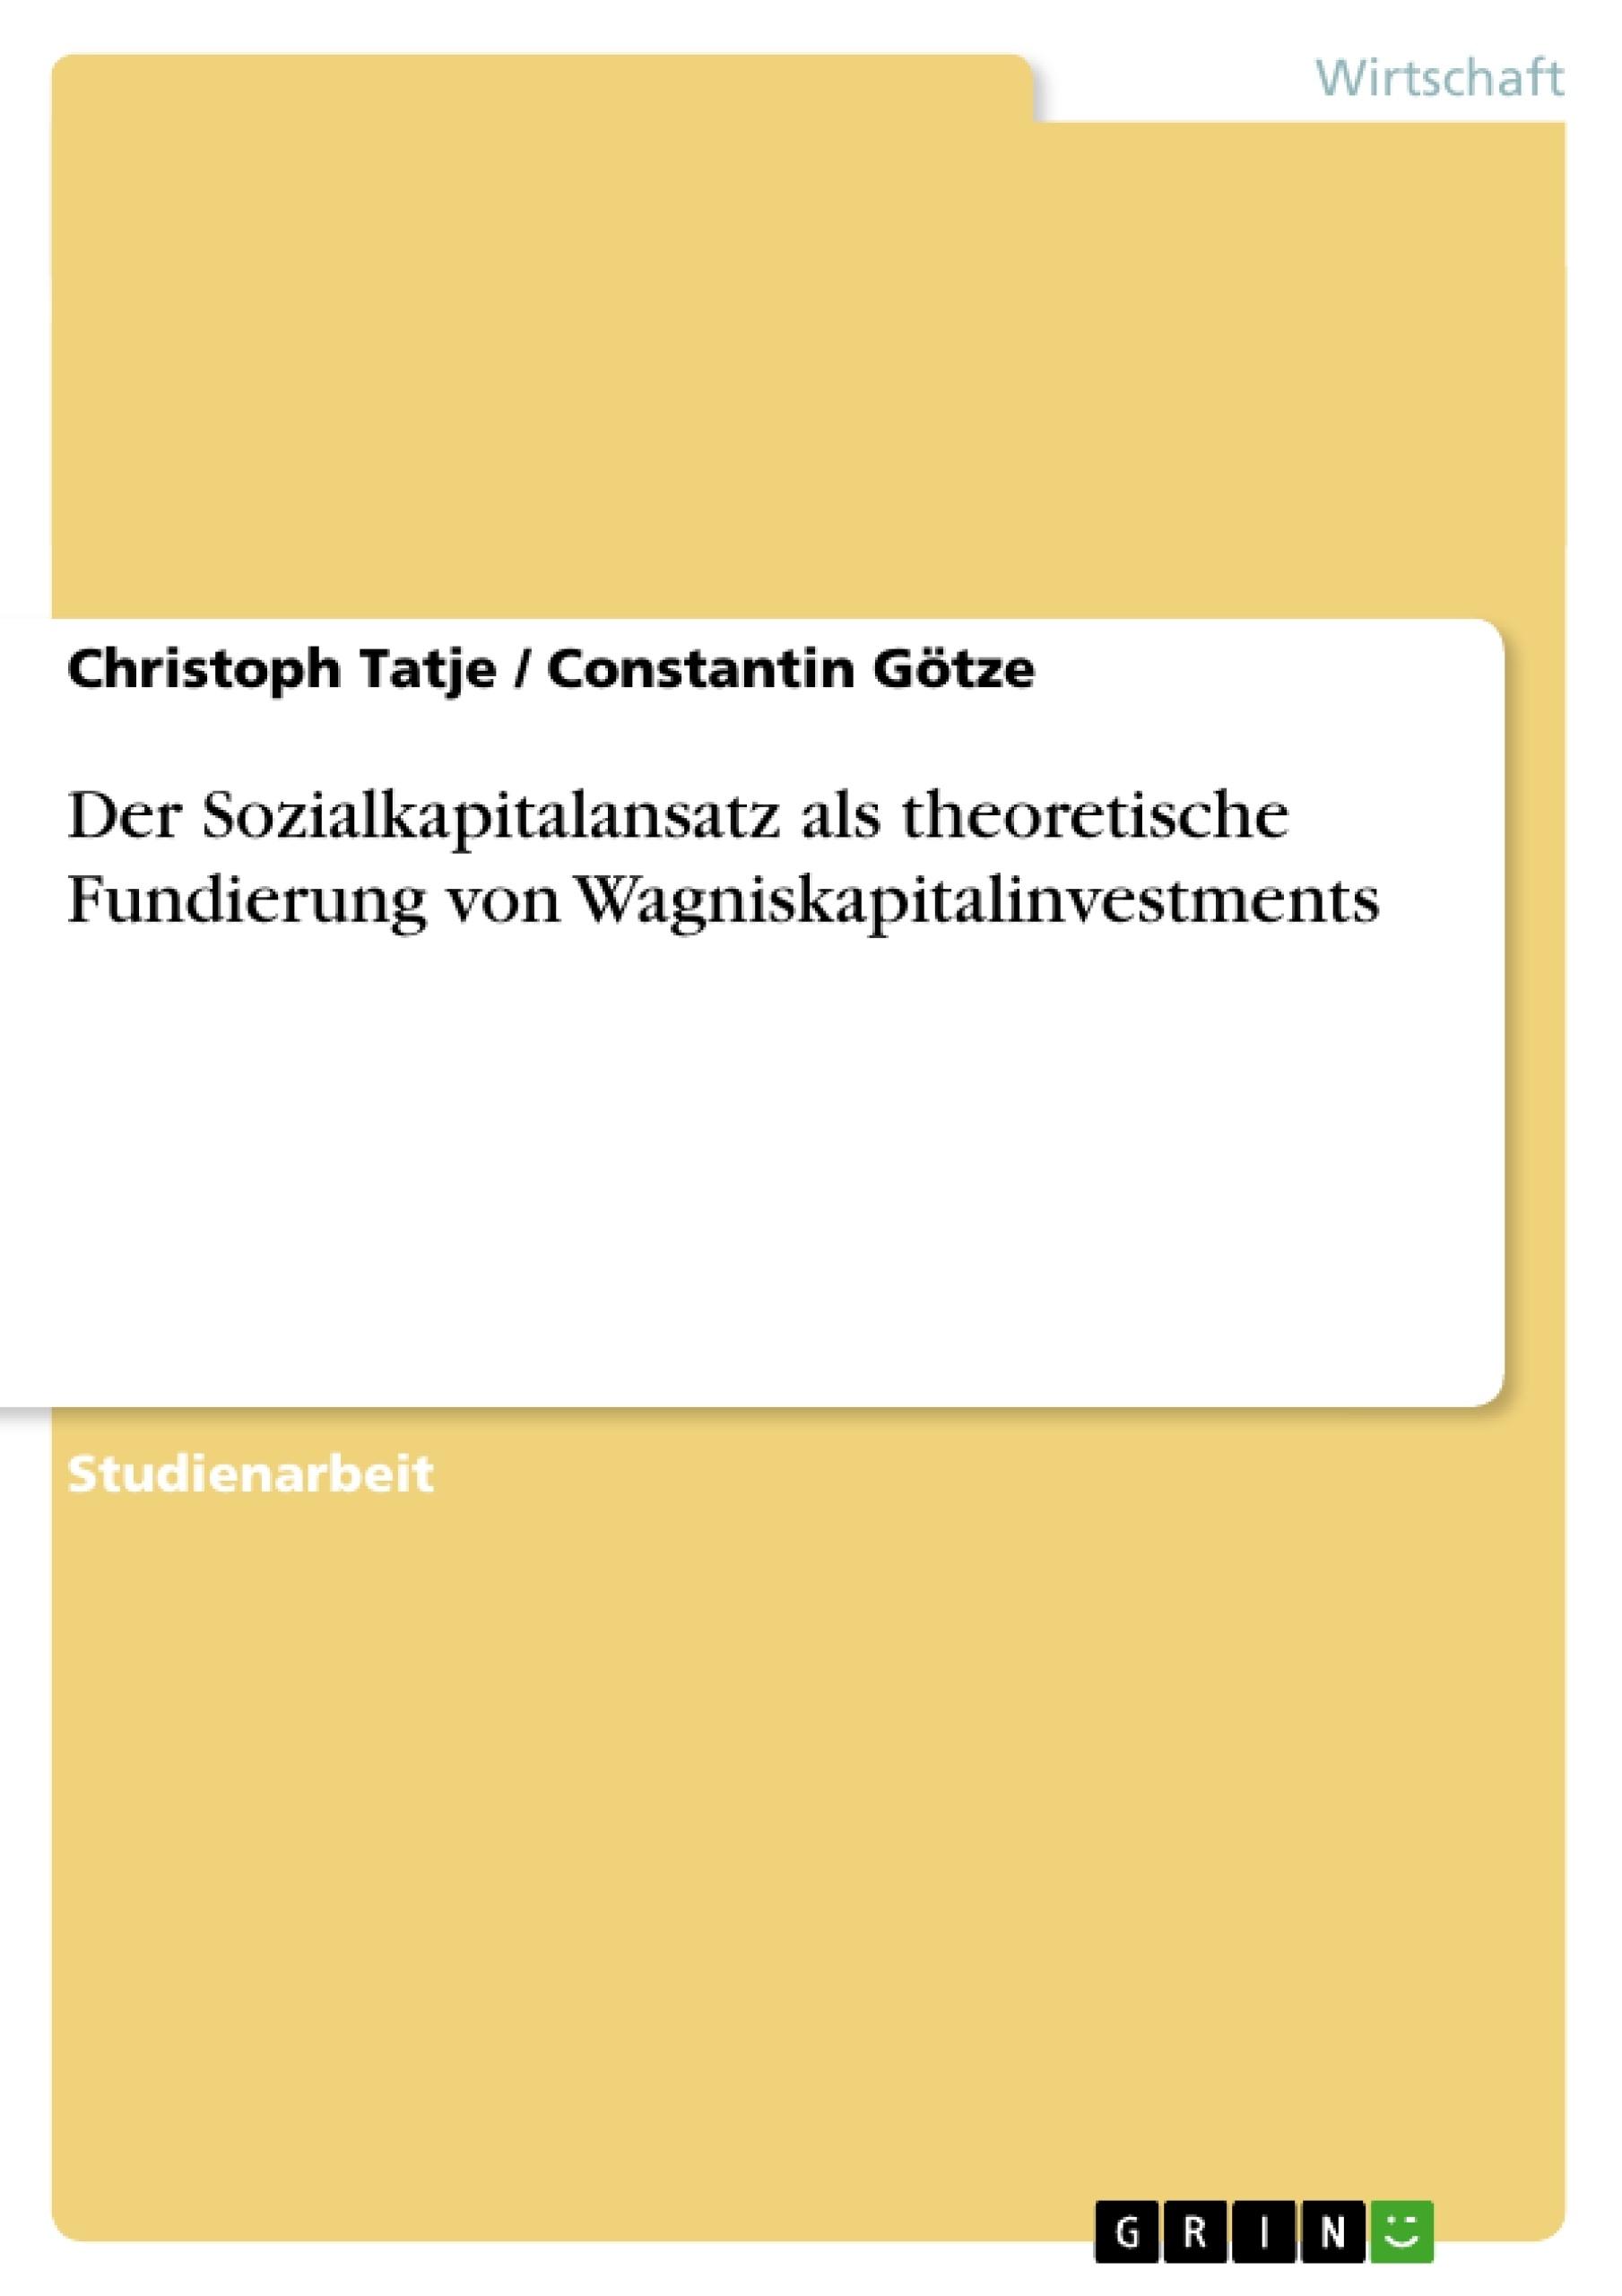 Titel: Der Sozialkapitalansatz als theoretische Fundierung von Wagniskapitalinvestments